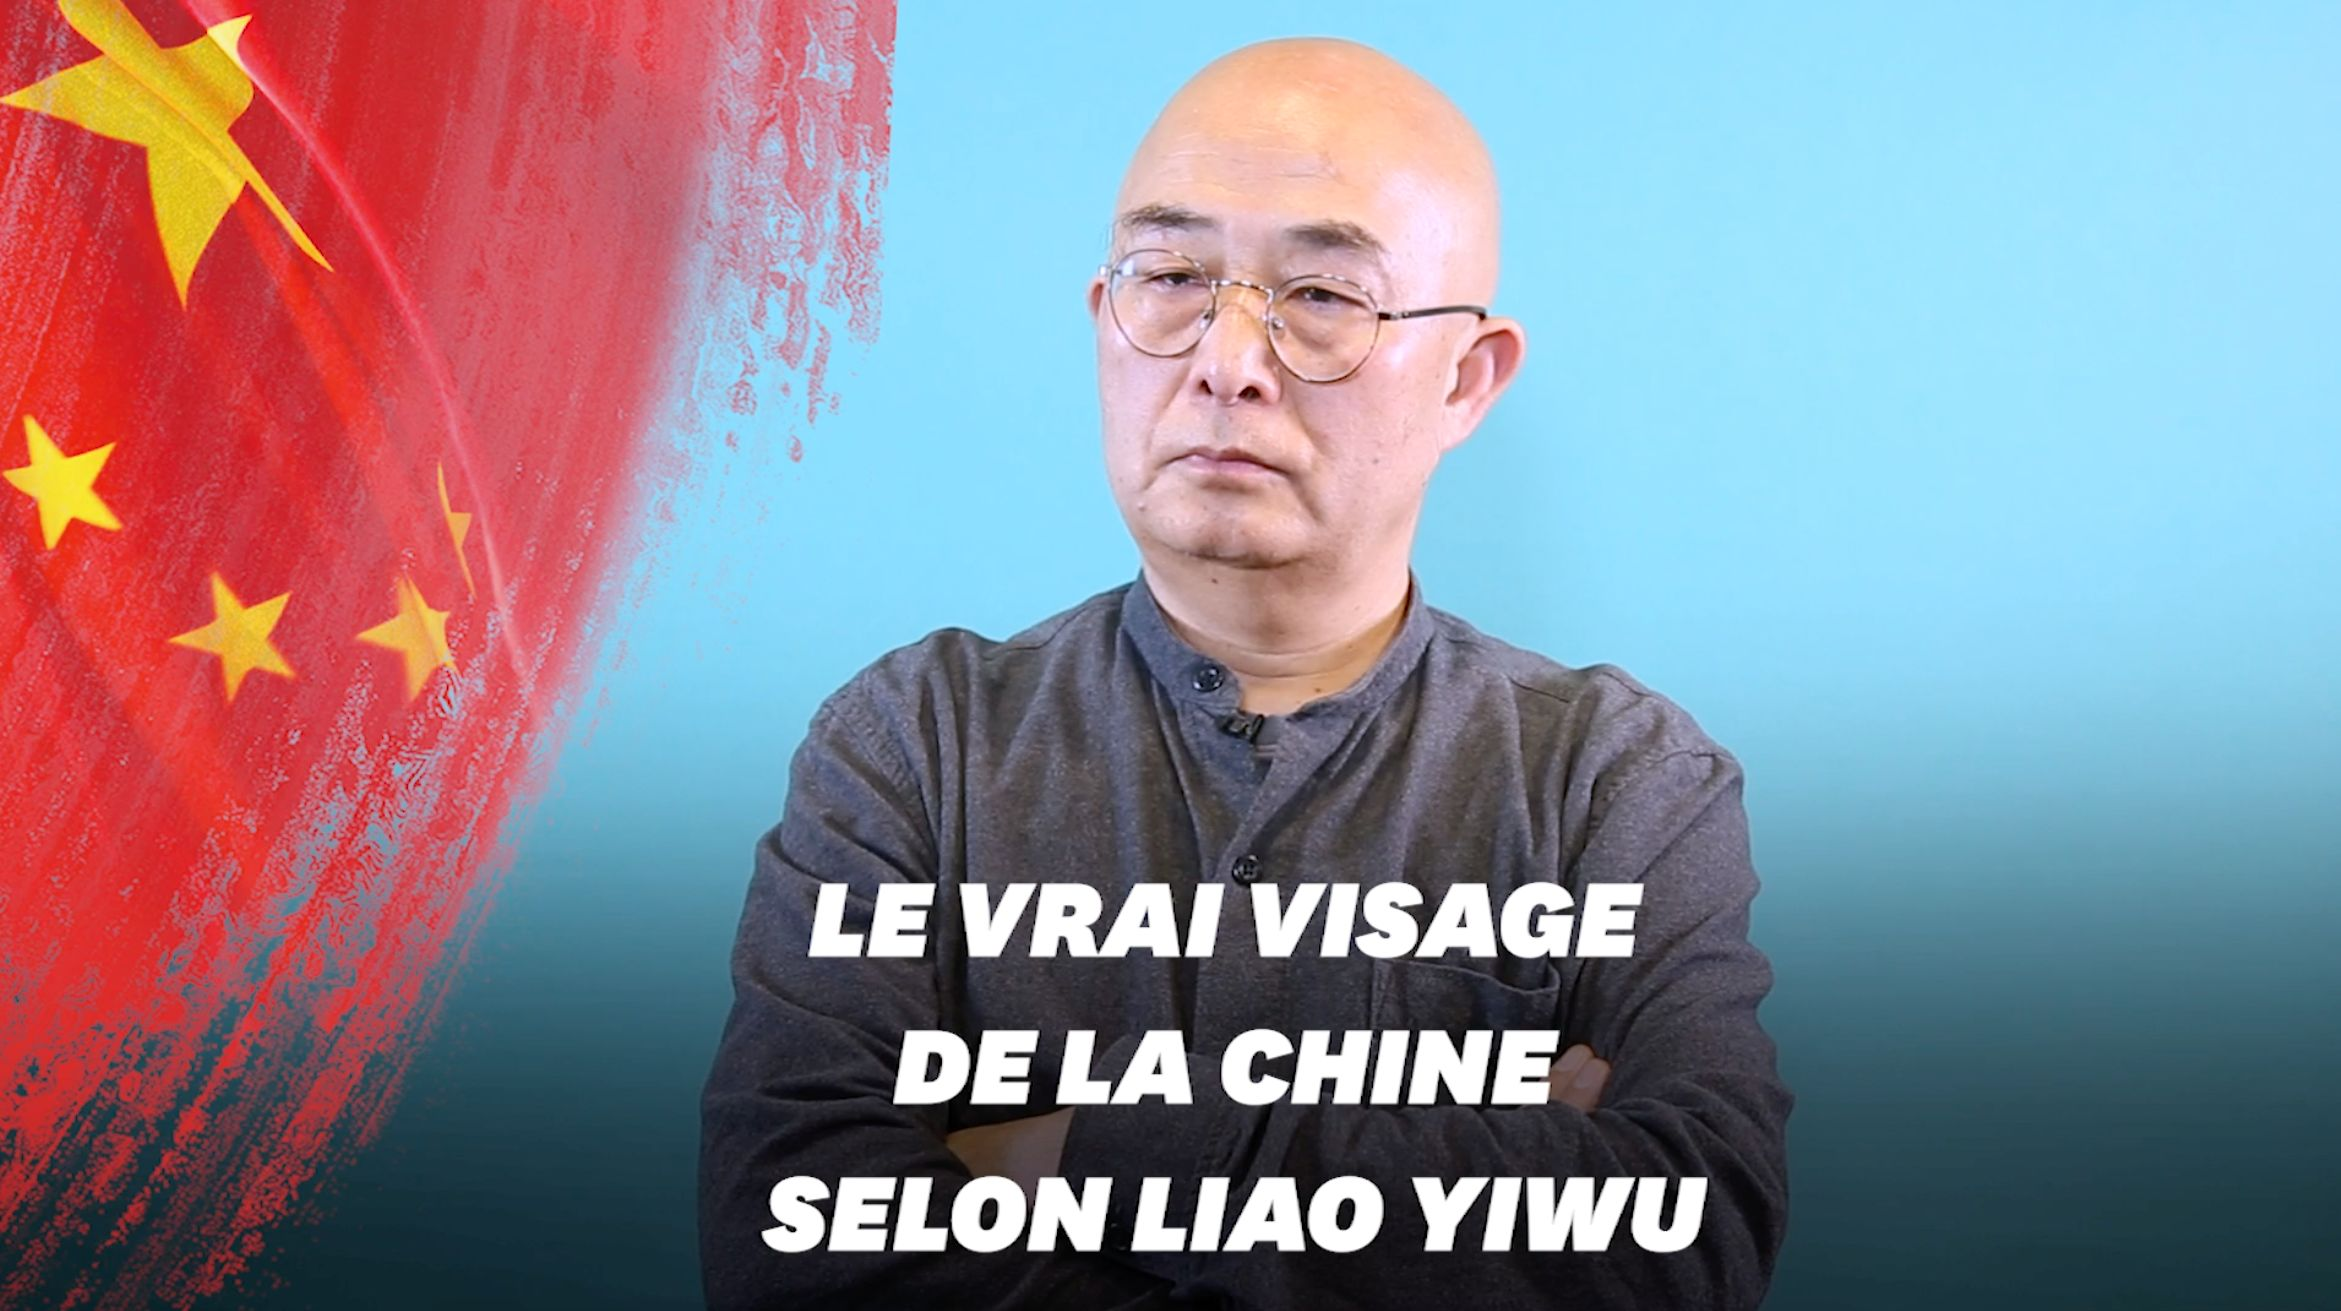 Le poète Liao Yiwu, censuré en Chine depuis 1989, nous raconte son